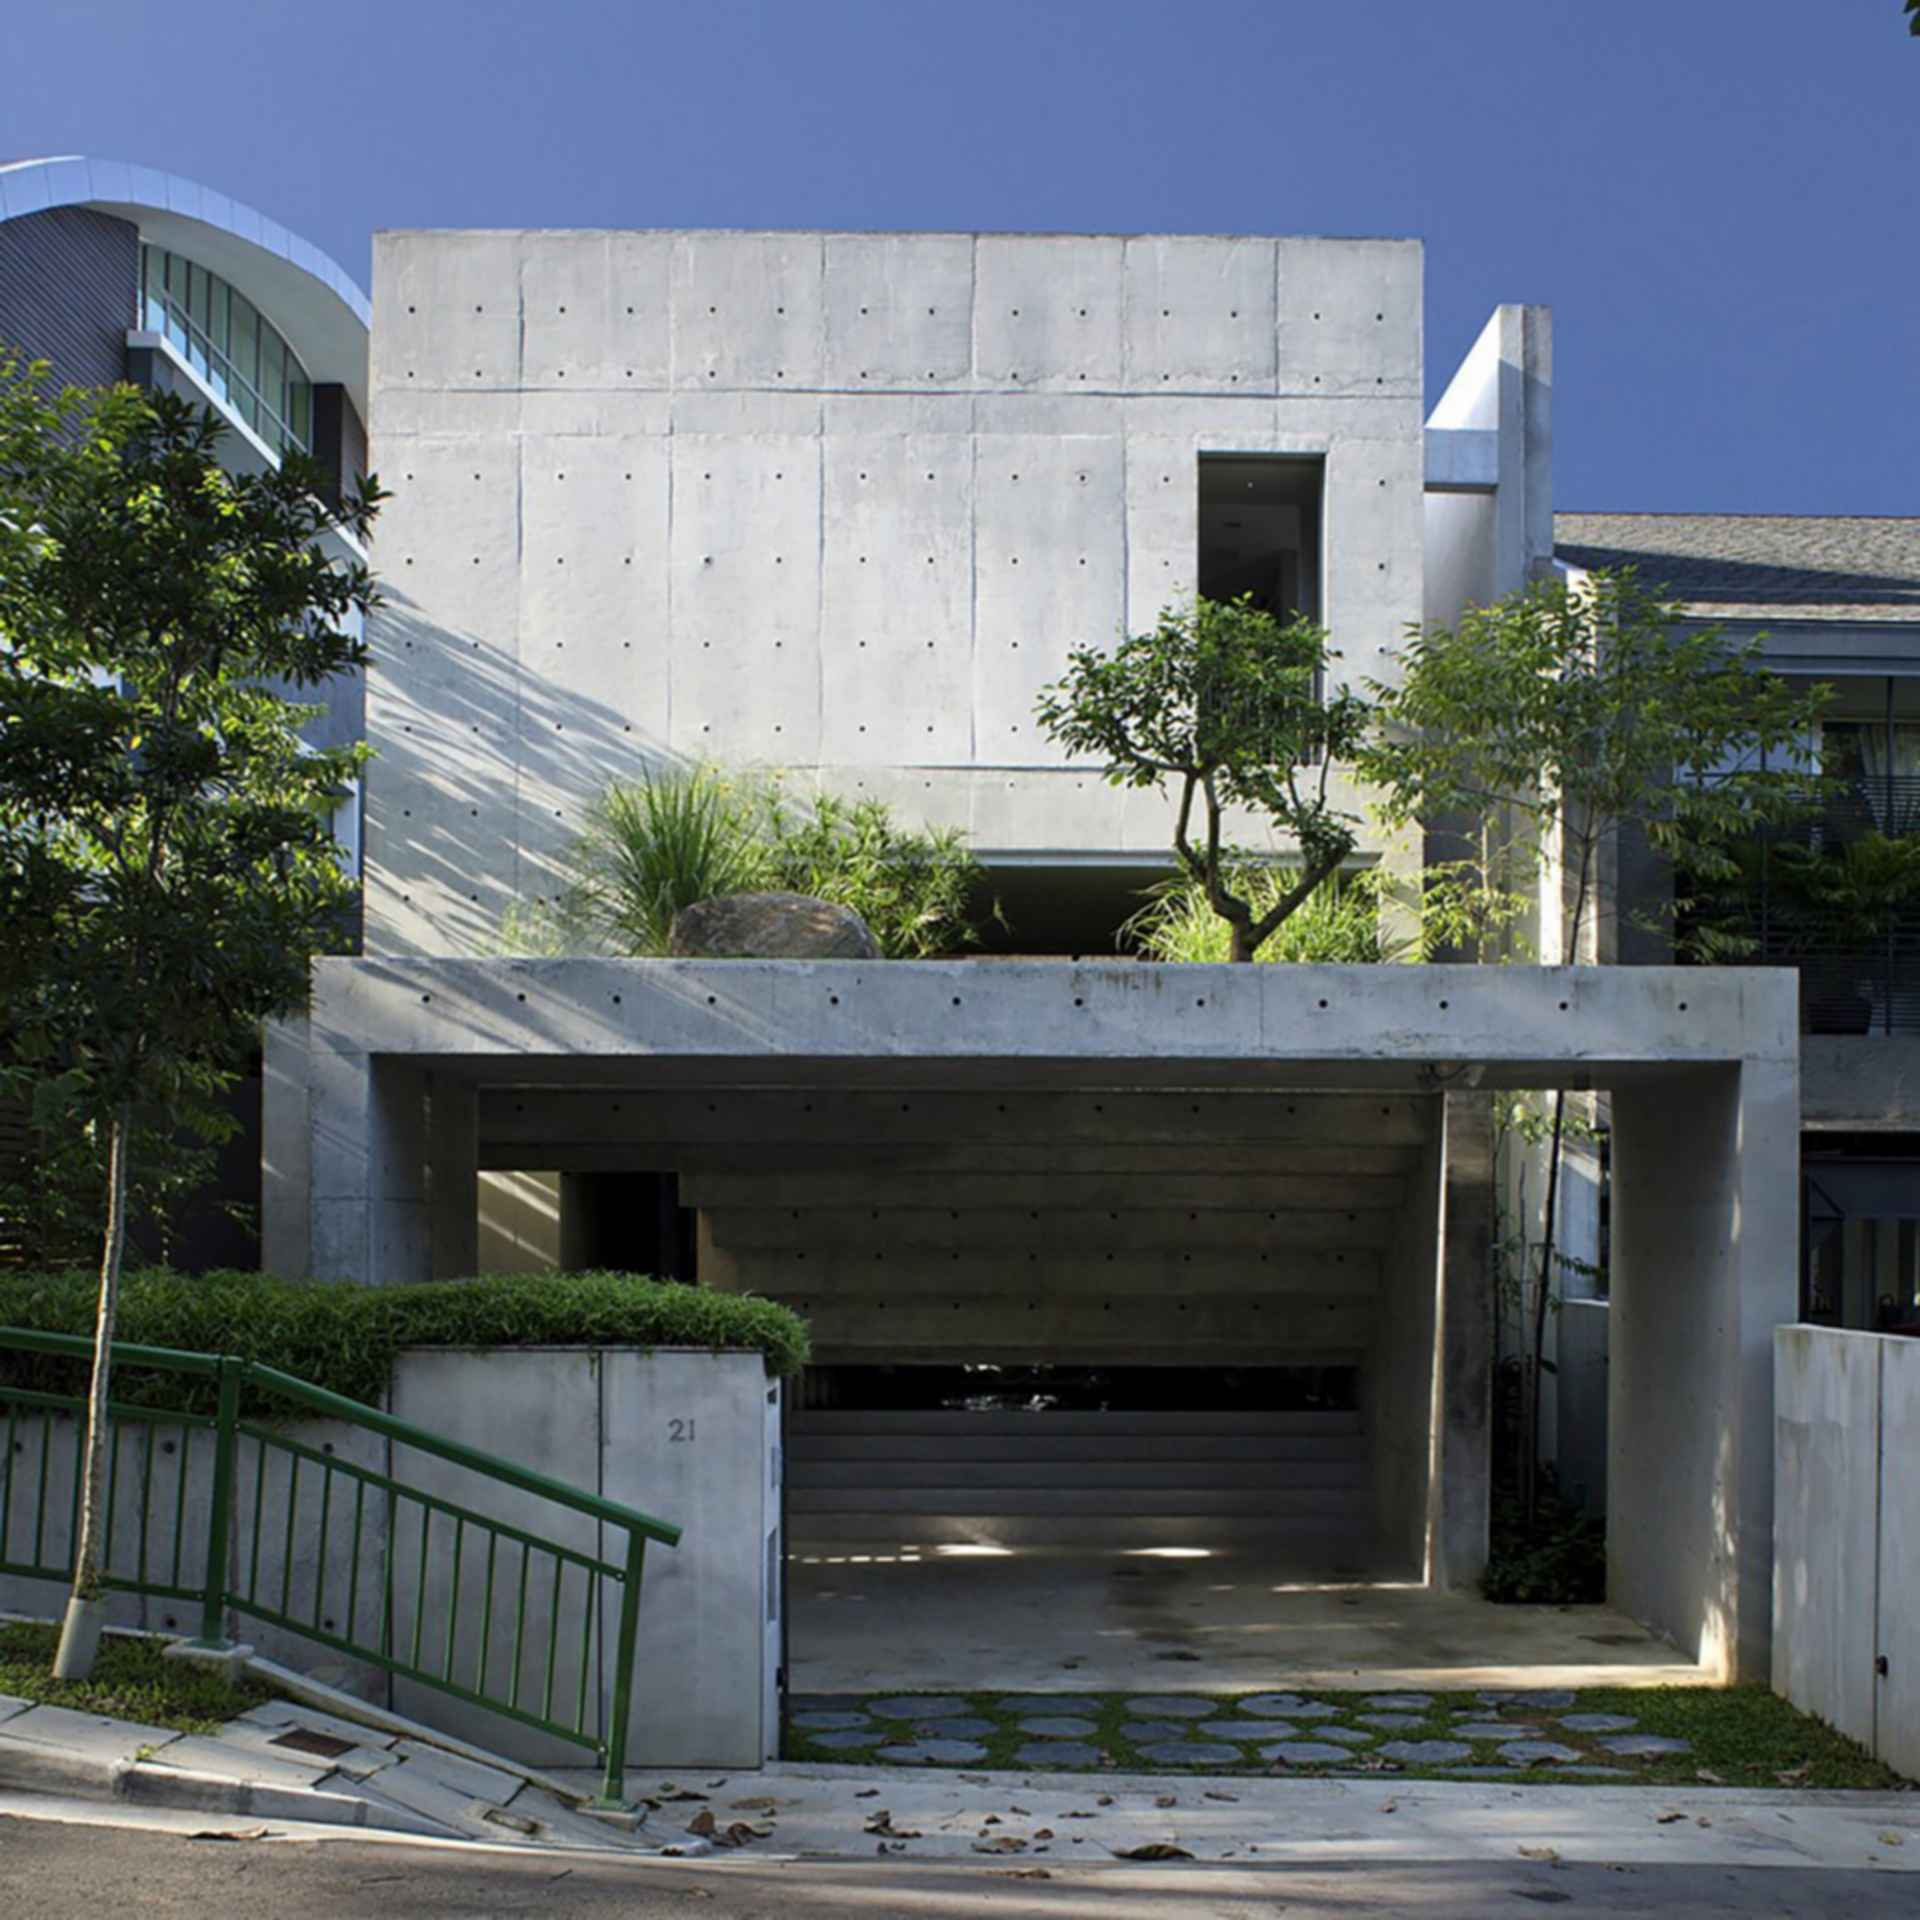 Namly House - exterior